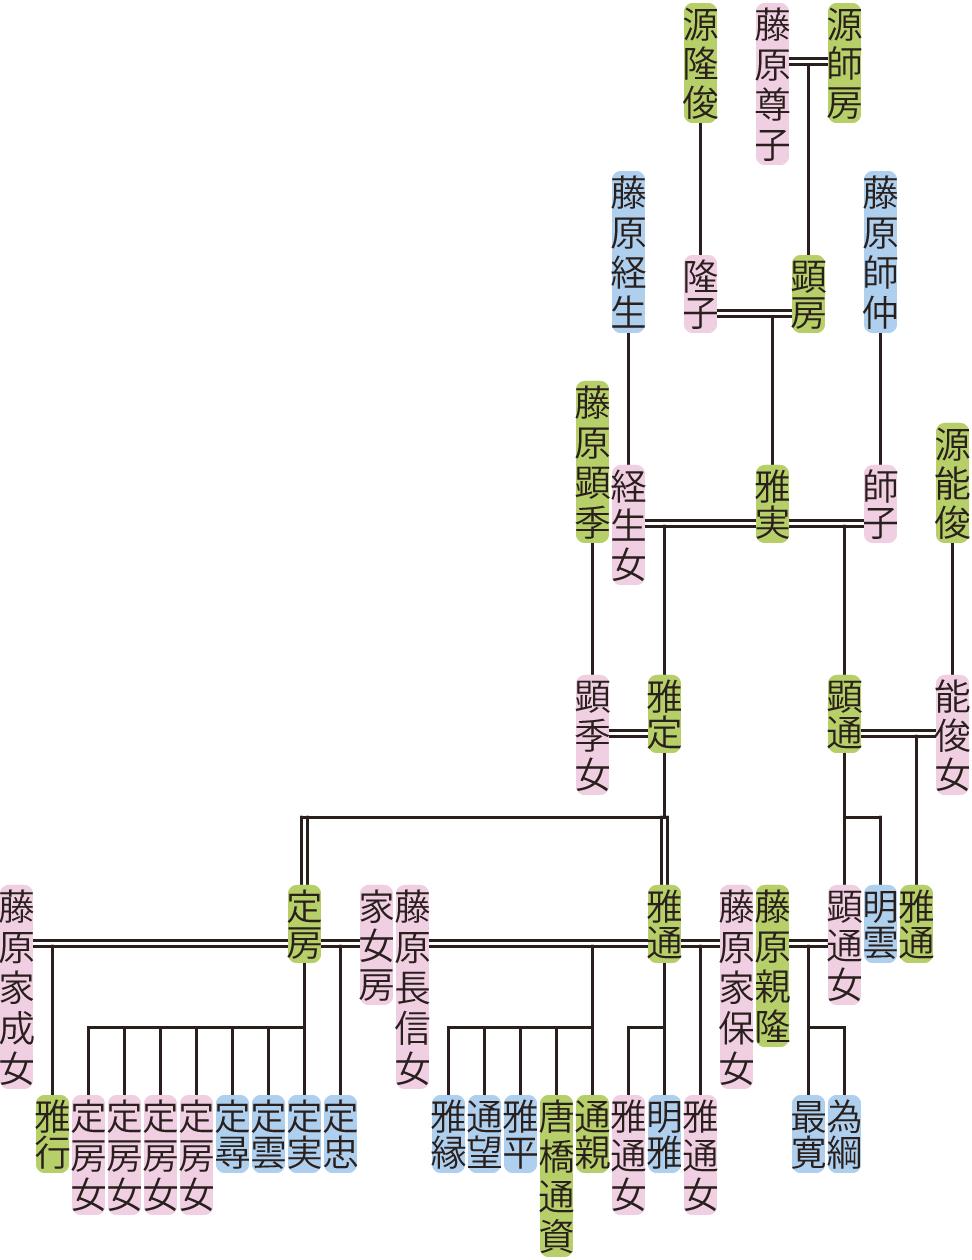 源雅実・雅定の系図